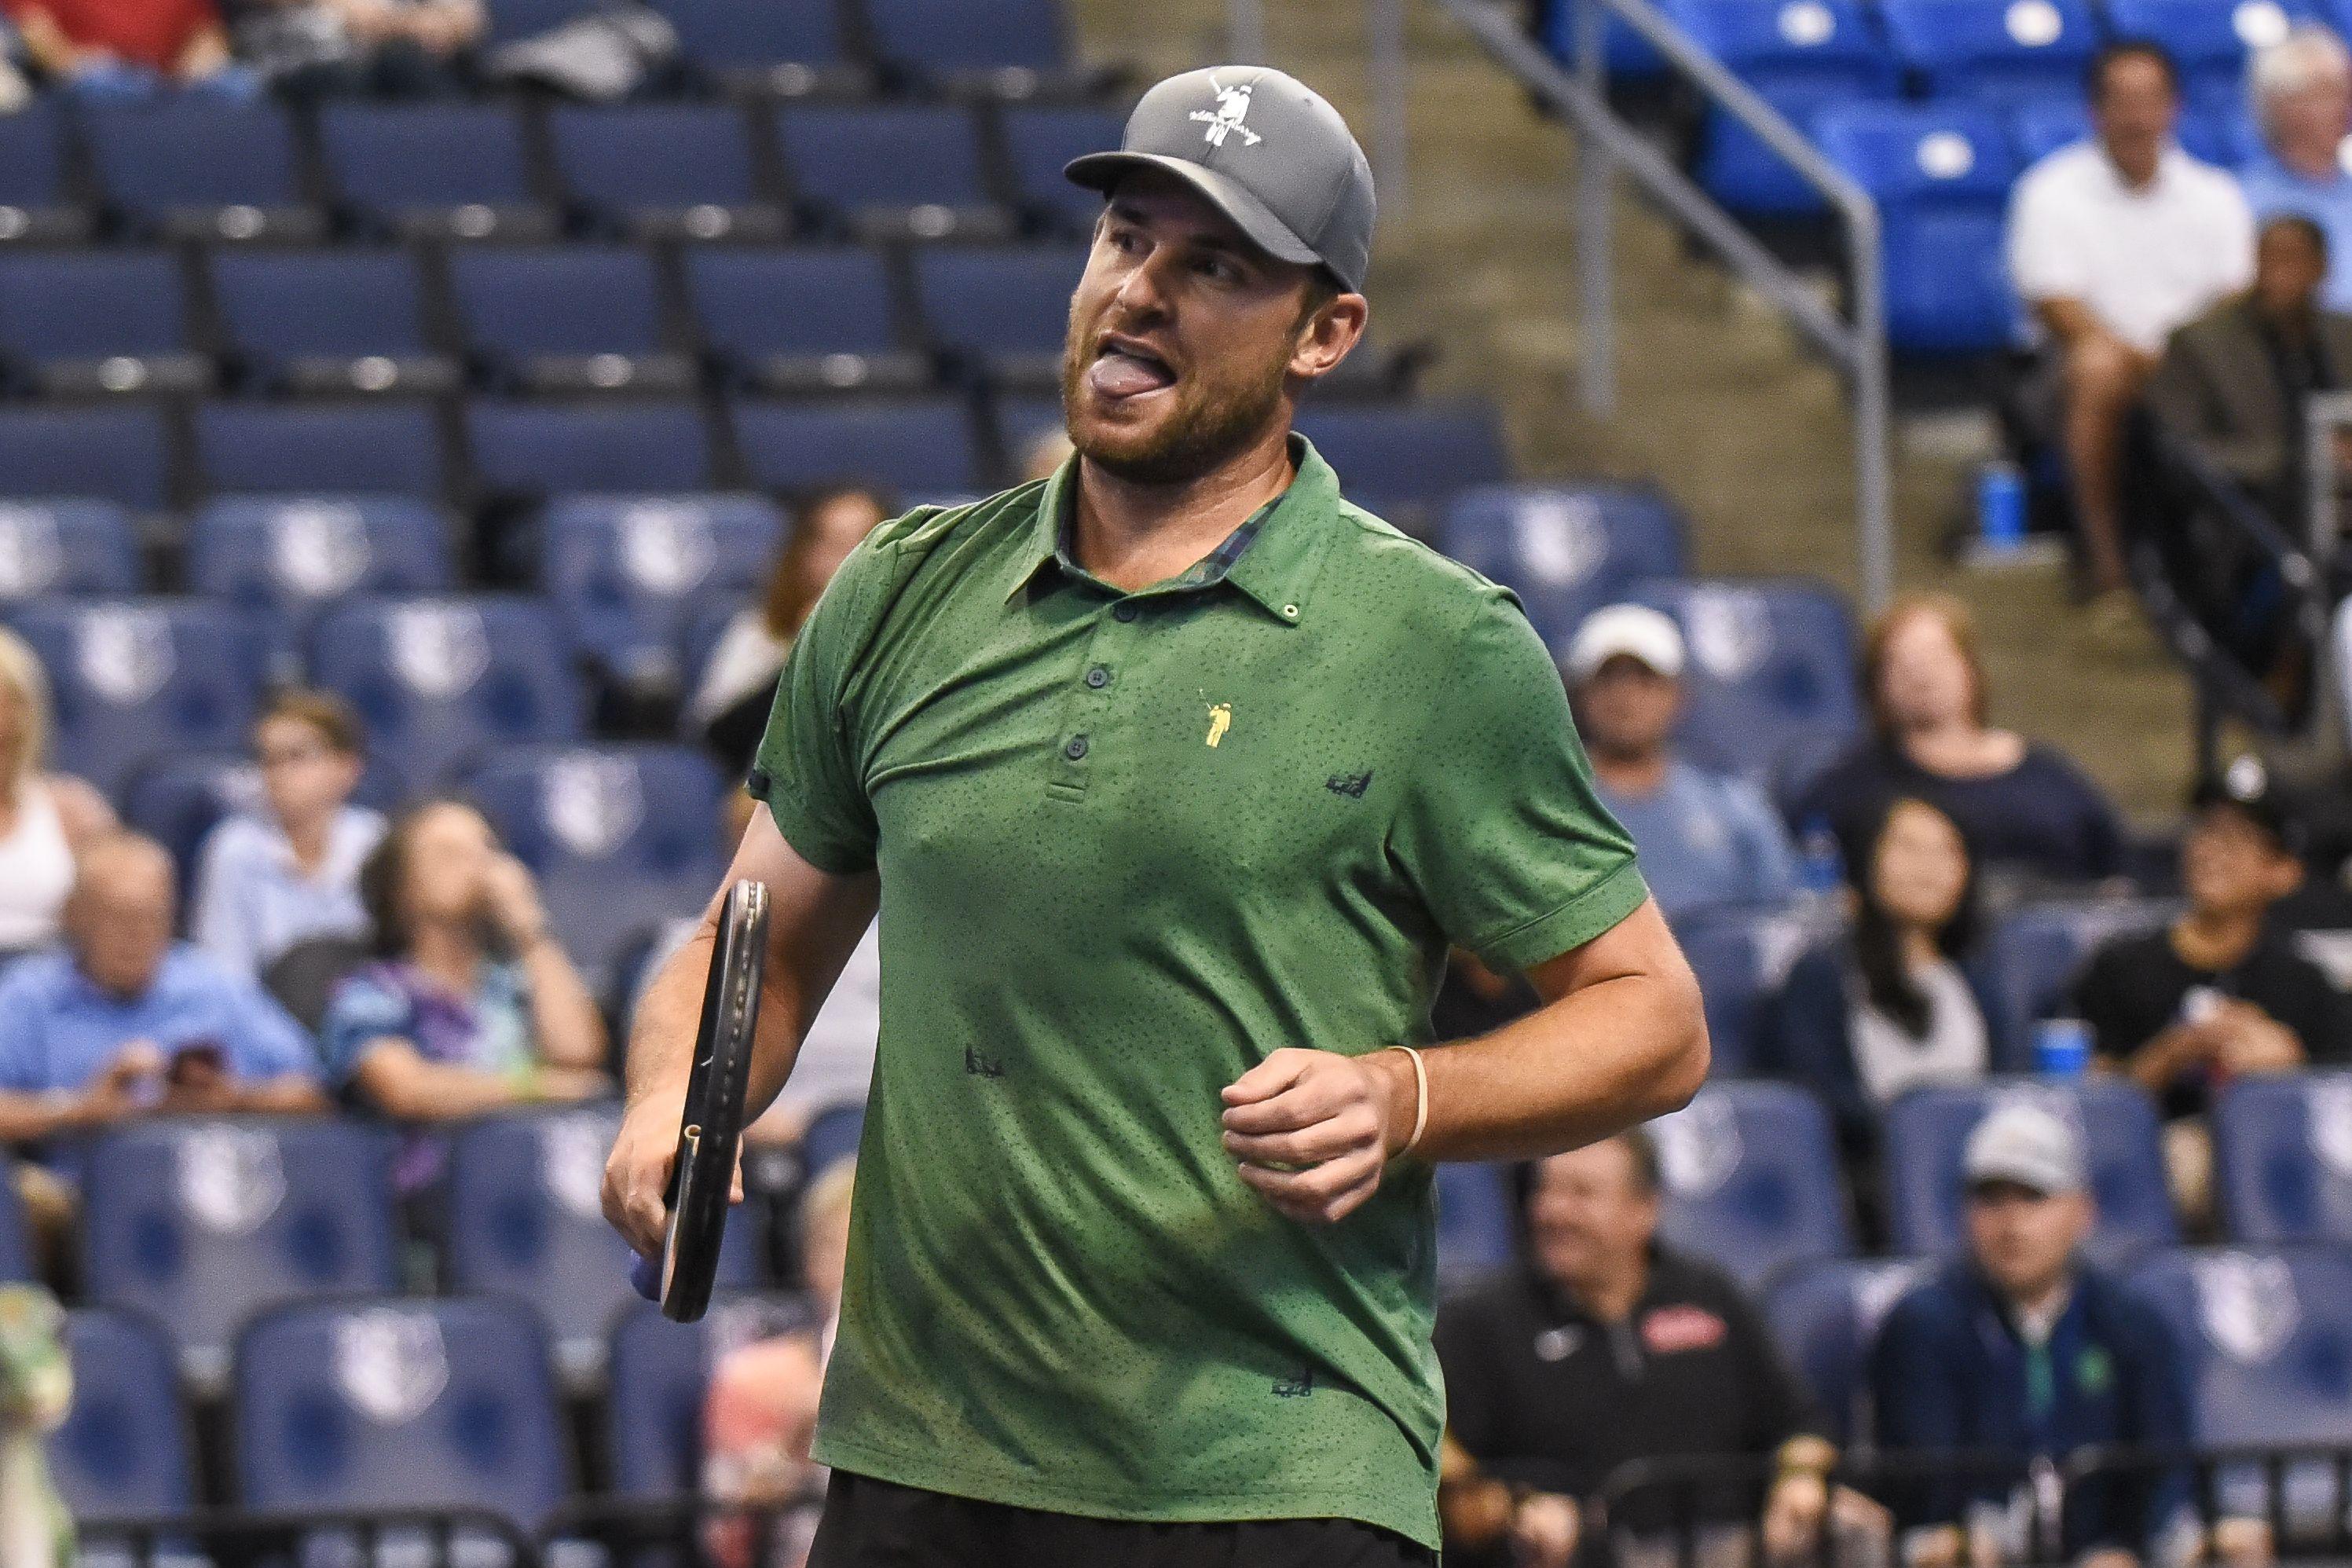 Роддик поддержал вакцинацию теннисистов